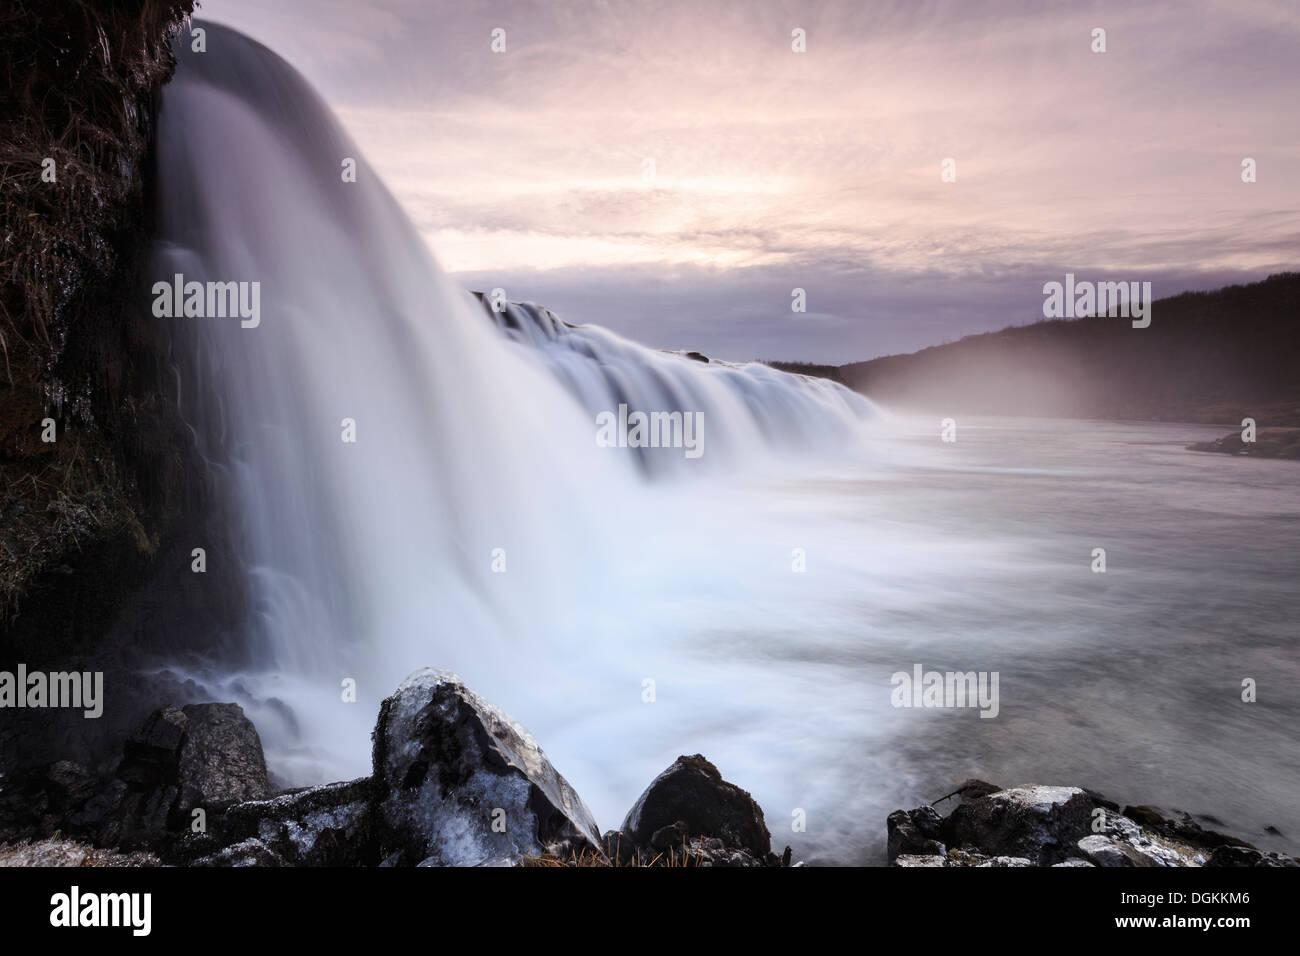 Una vista della cascata Faxifoss nel sud dell'Islanda. Immagini Stock